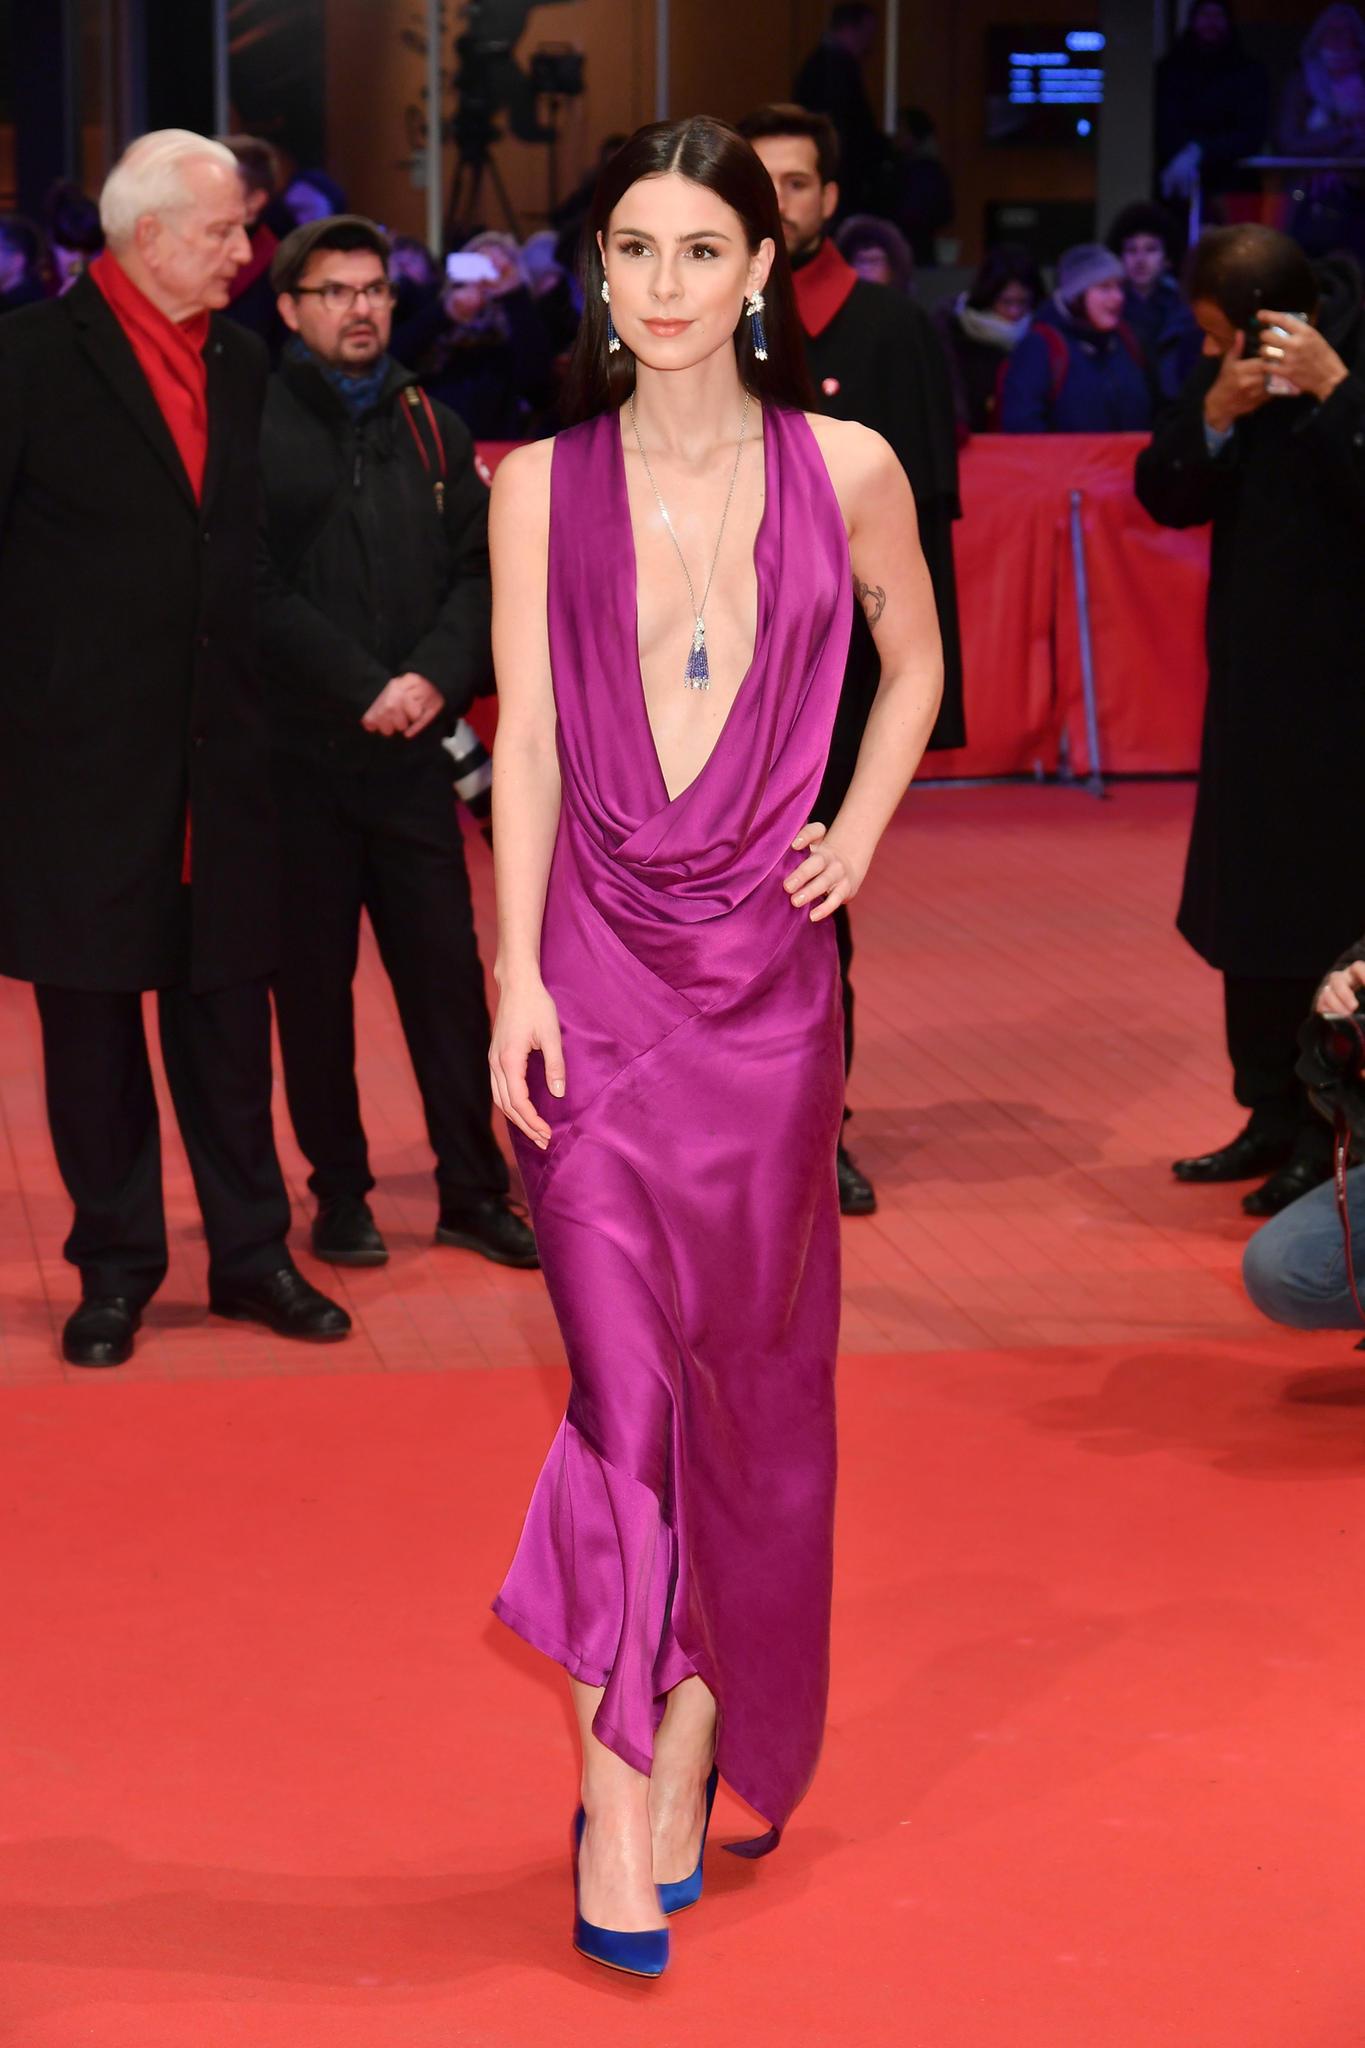 Der absolute Wow-Auftritt des Abends: Lena Meyer-Landrut verzaubert auf dem Red Carpet in einer pinken Kreation von Michael Sonntag Atelier und mit einem heißen Dekolleté.